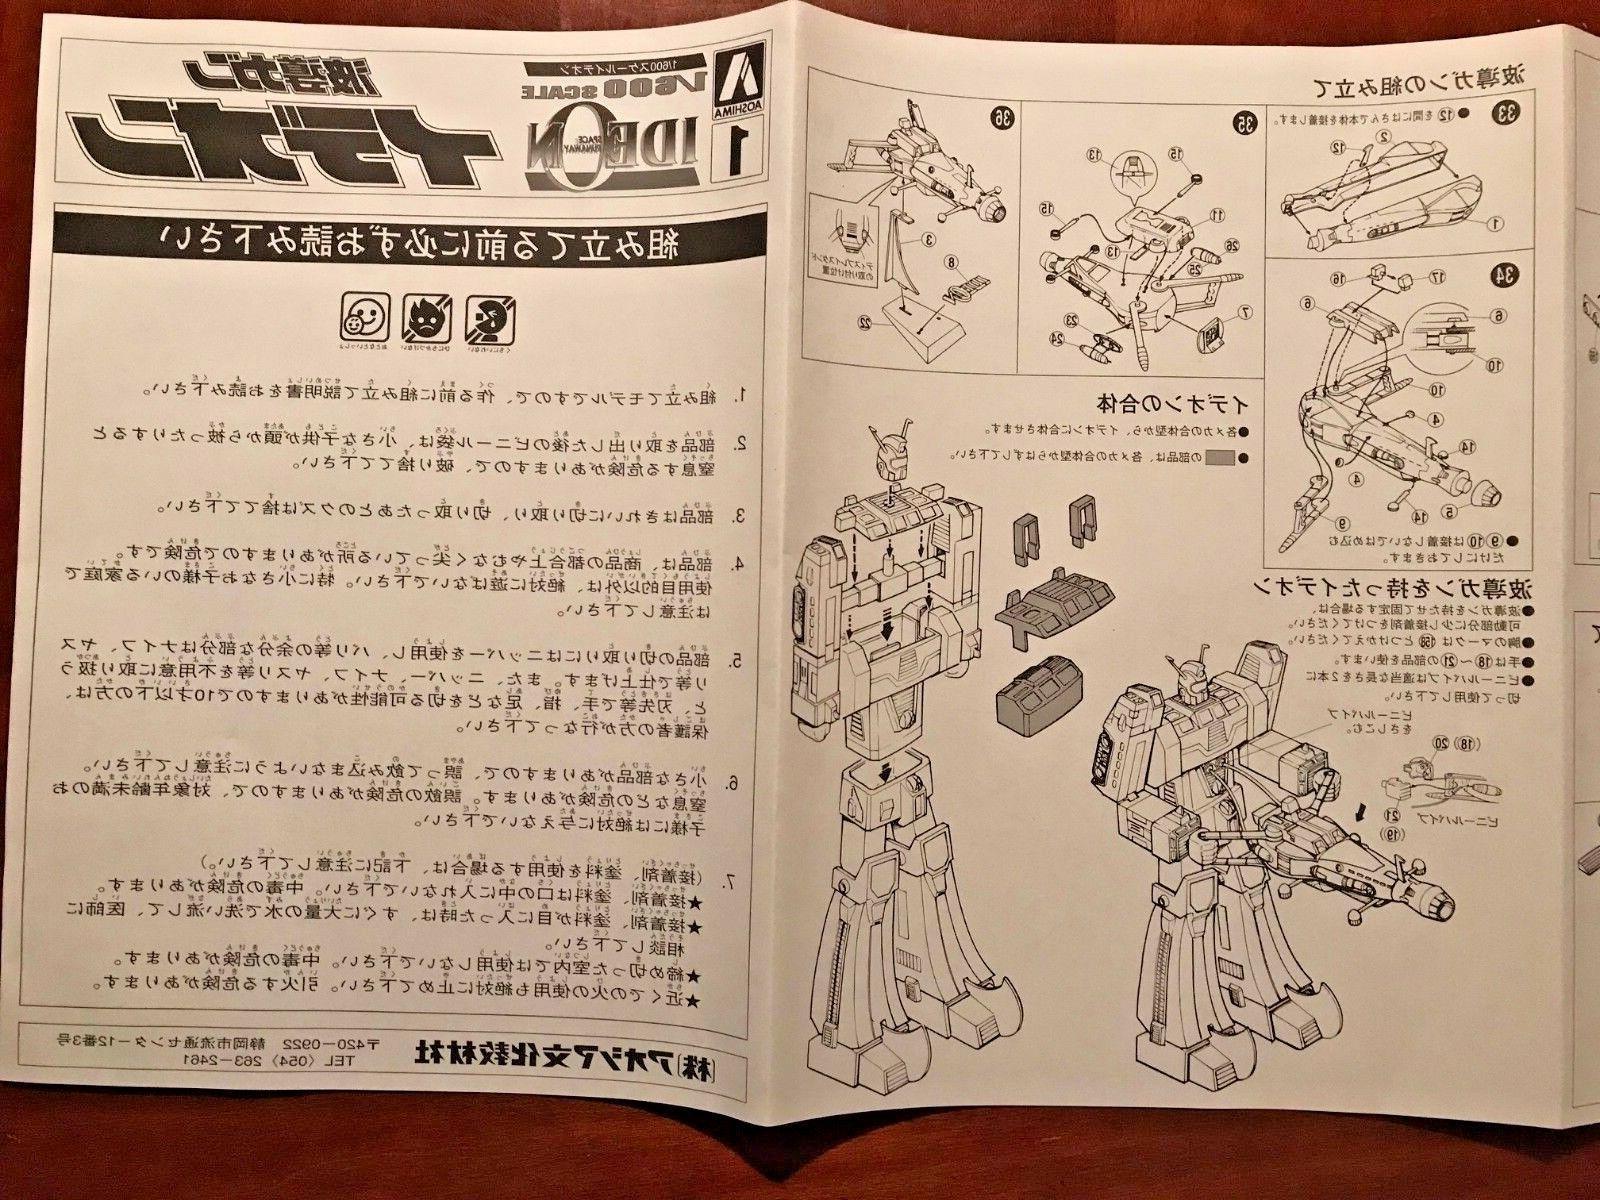 Aoshima Runaway 1/600 Plastic Kit